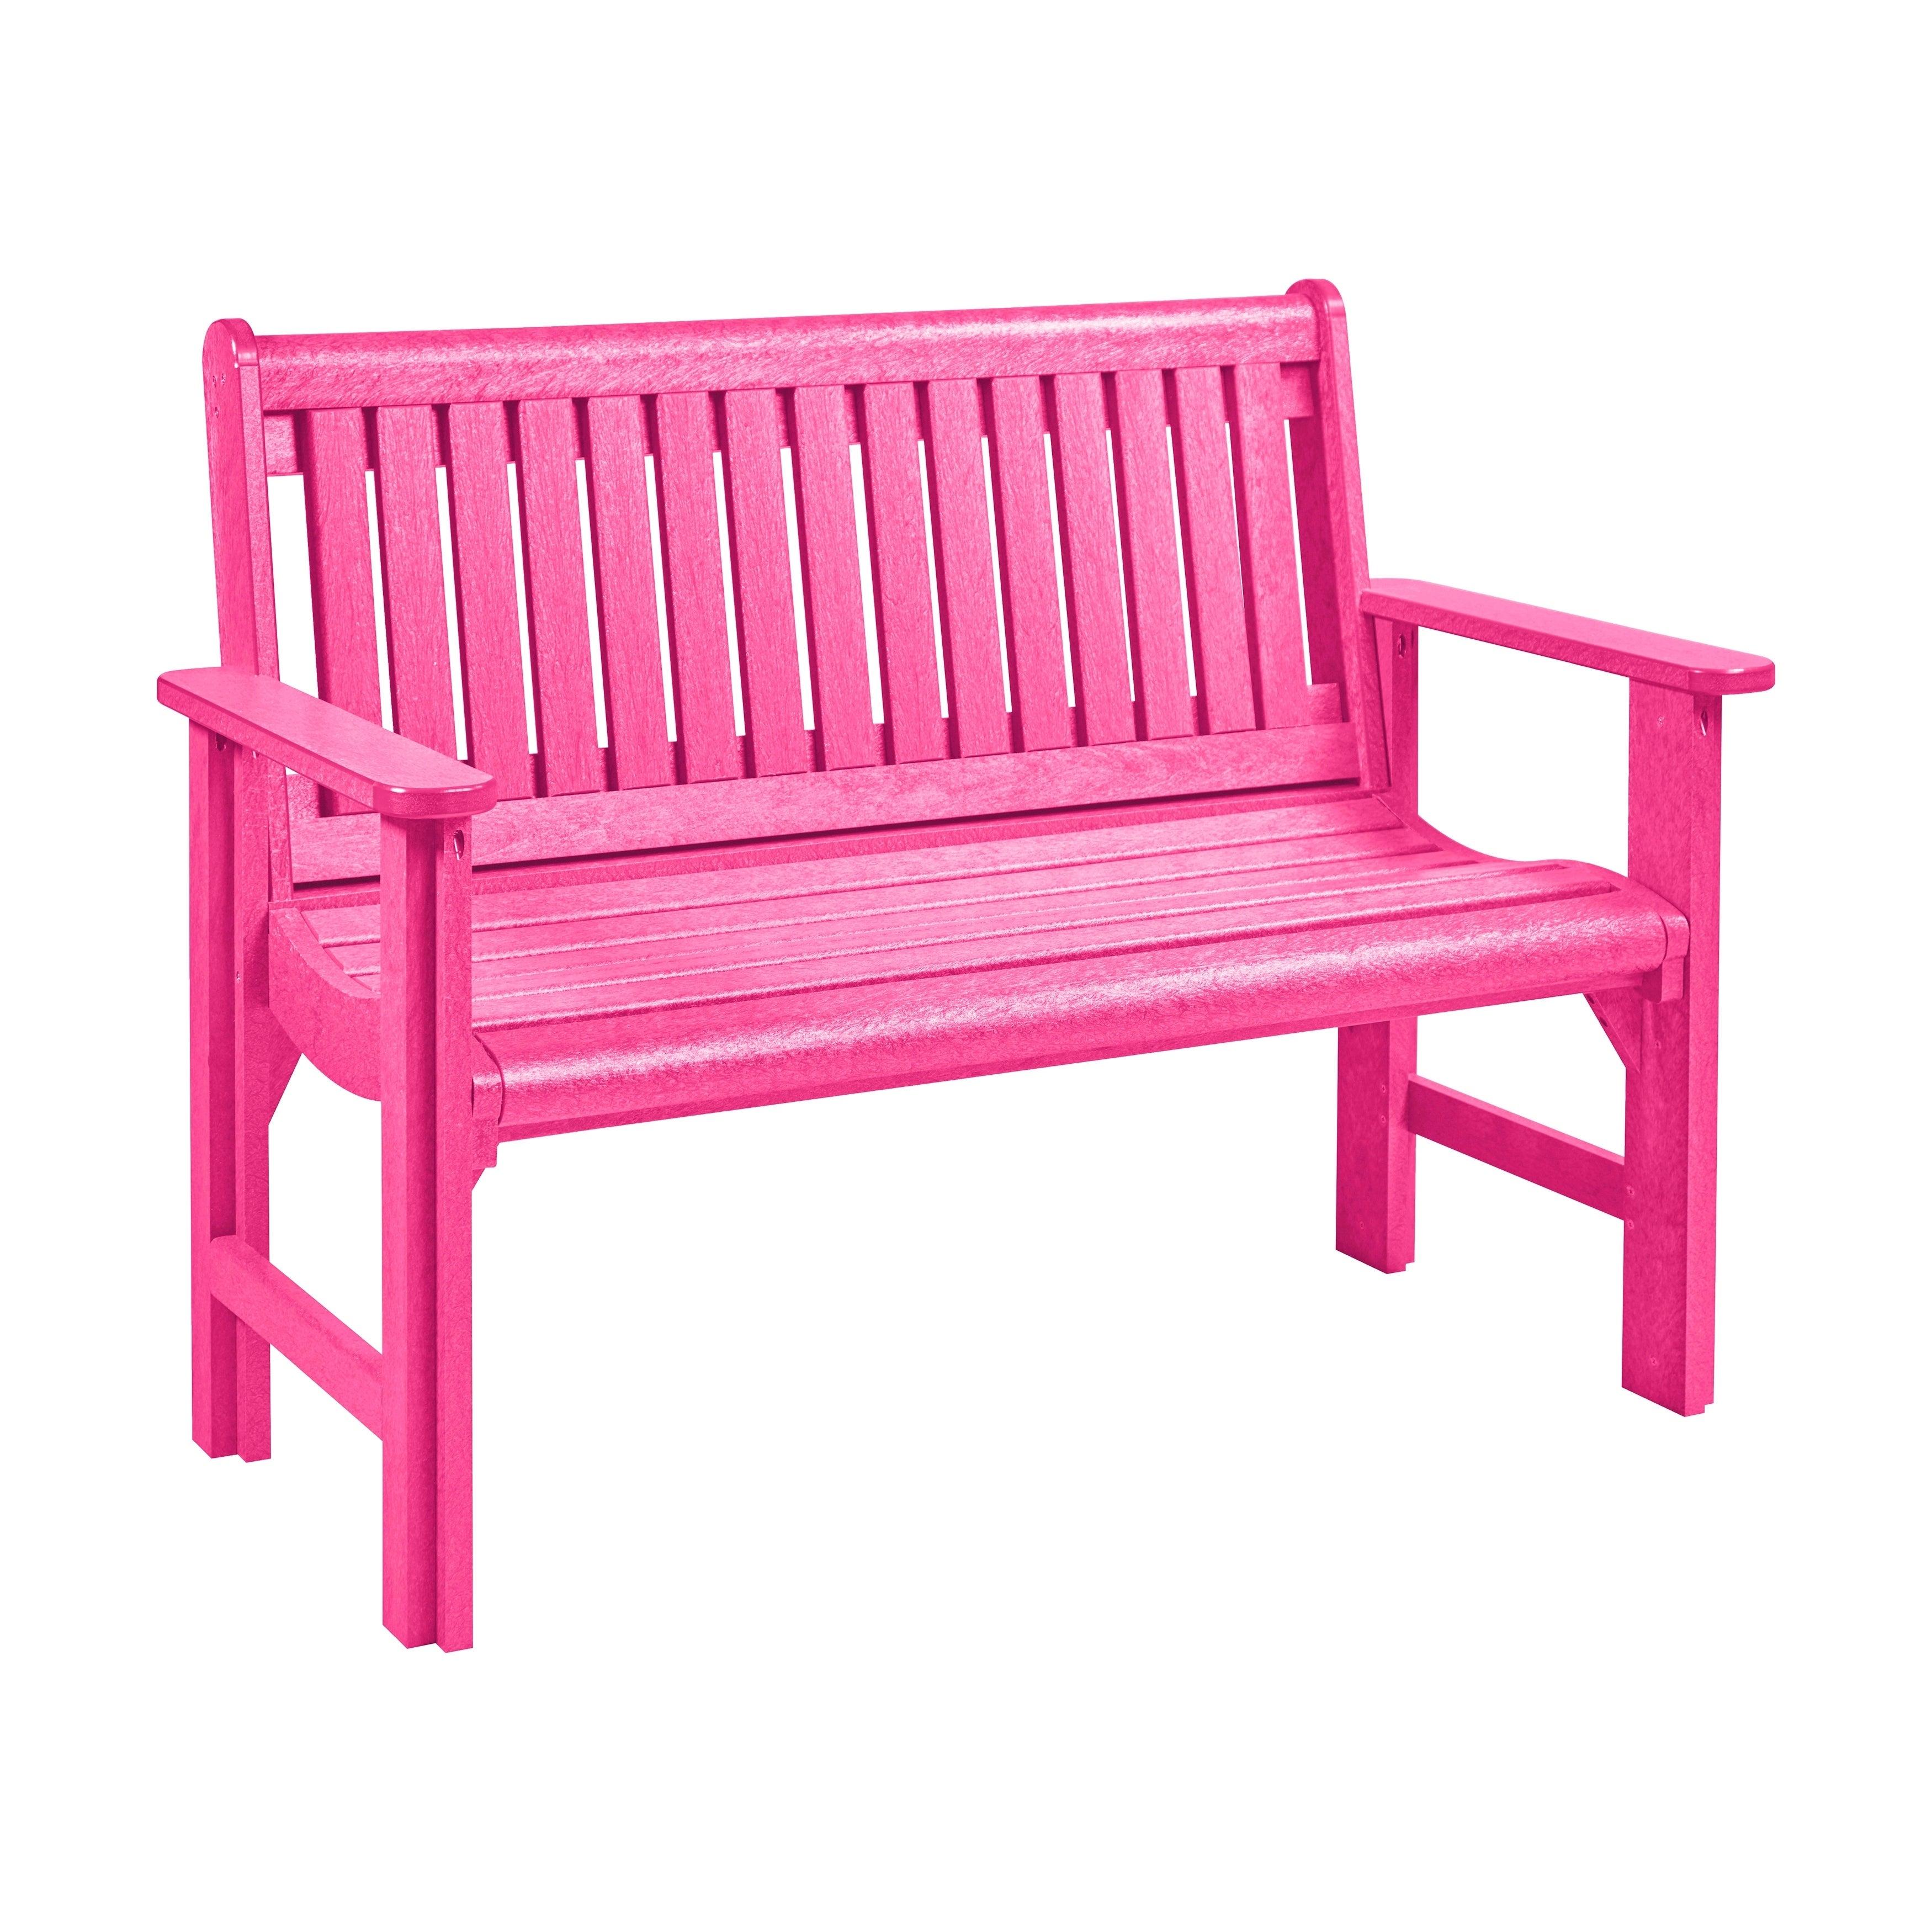 Brilliant C R Plastics Generation Garden Bench Machost Co Dining Chair Design Ideas Machostcouk